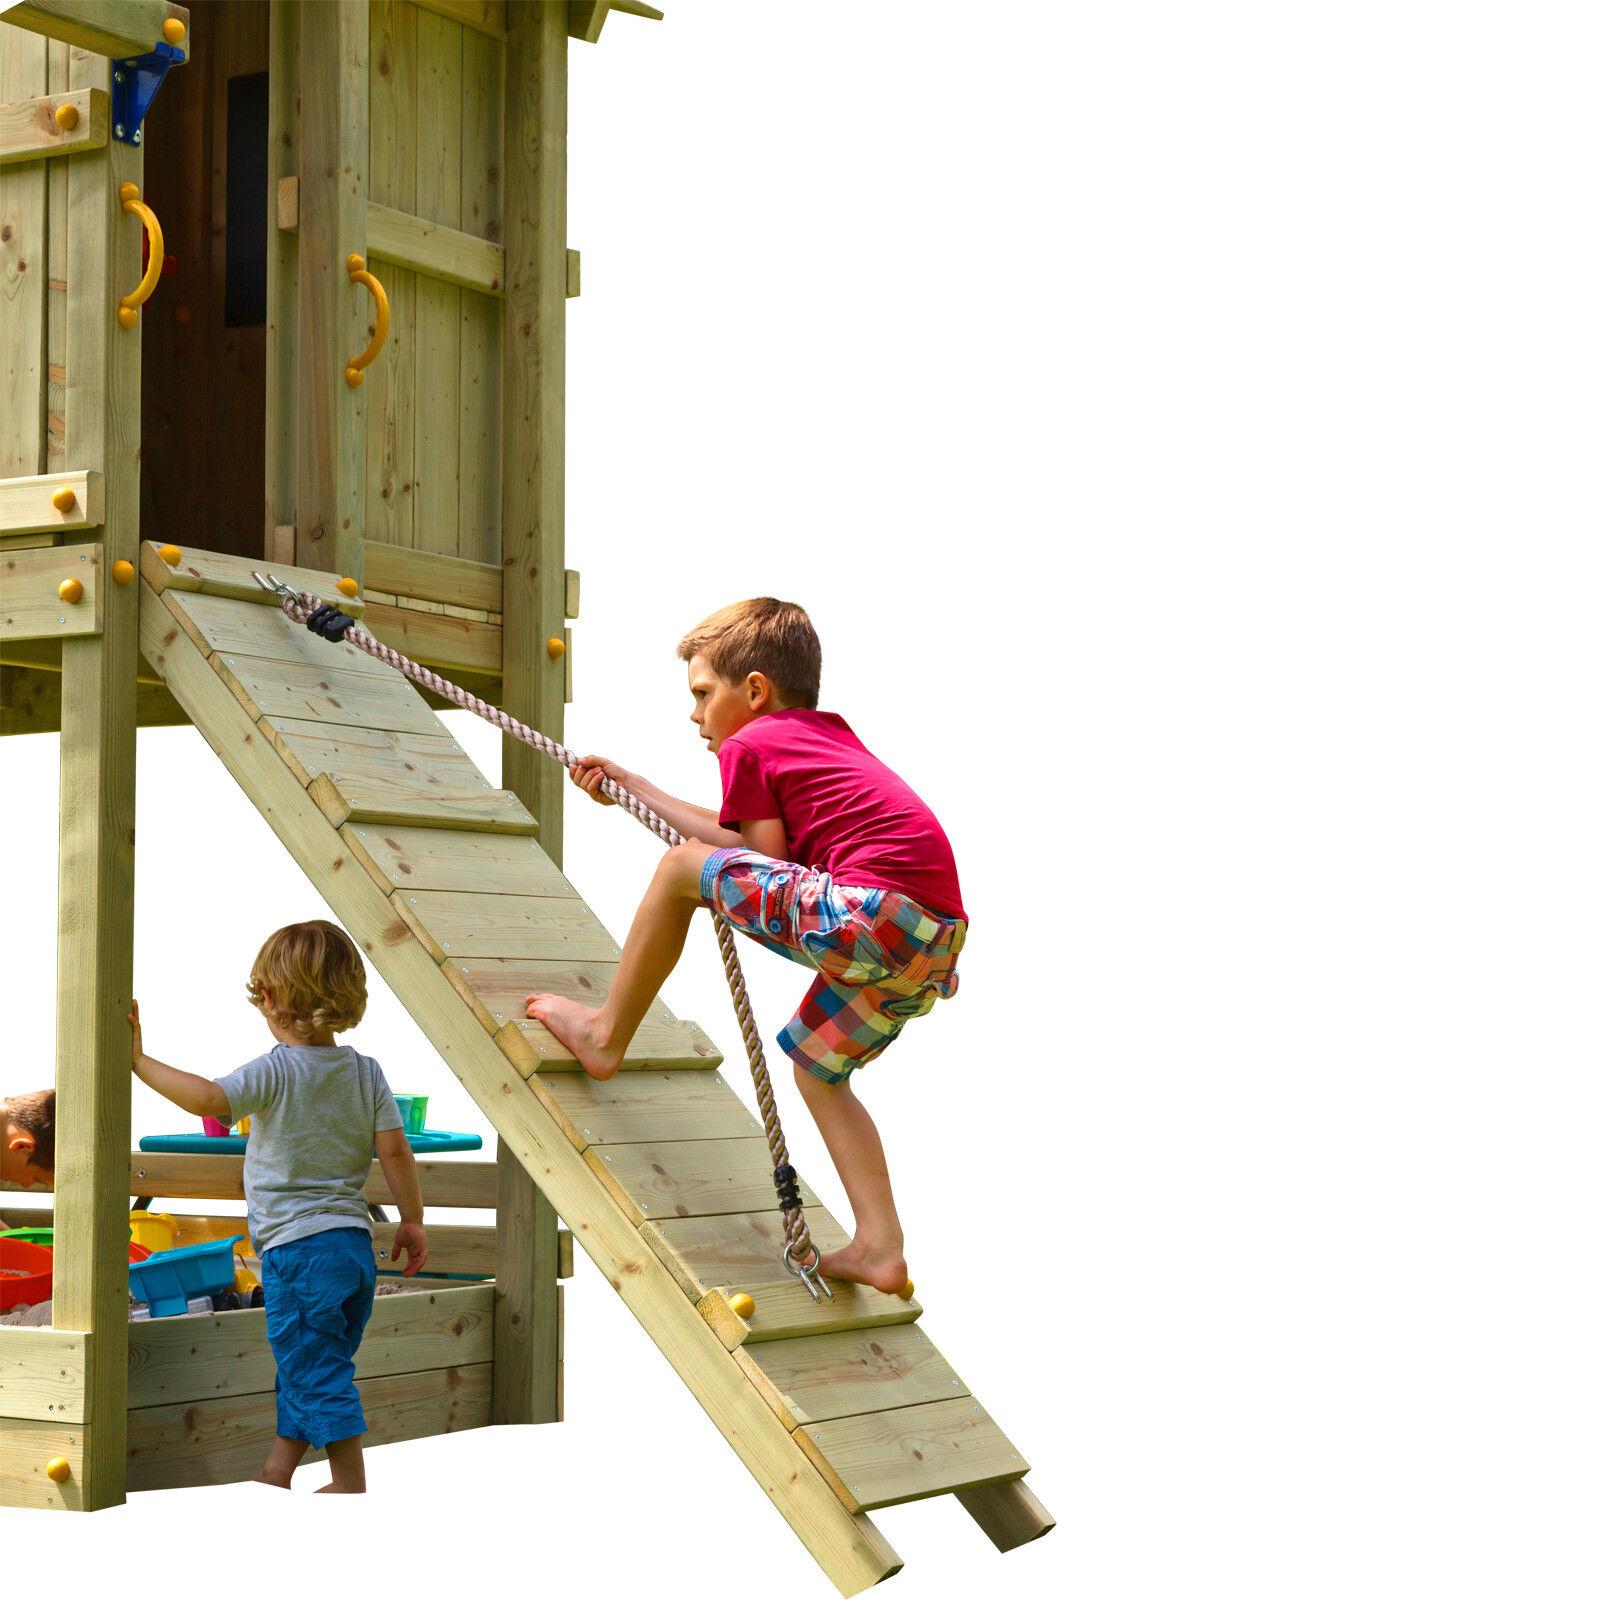 Blau Erweiterung Rabbit Anbaumodul Rampe mit Seil @RAMP Spielturm Erweiterung Blau Klettern 840f5b